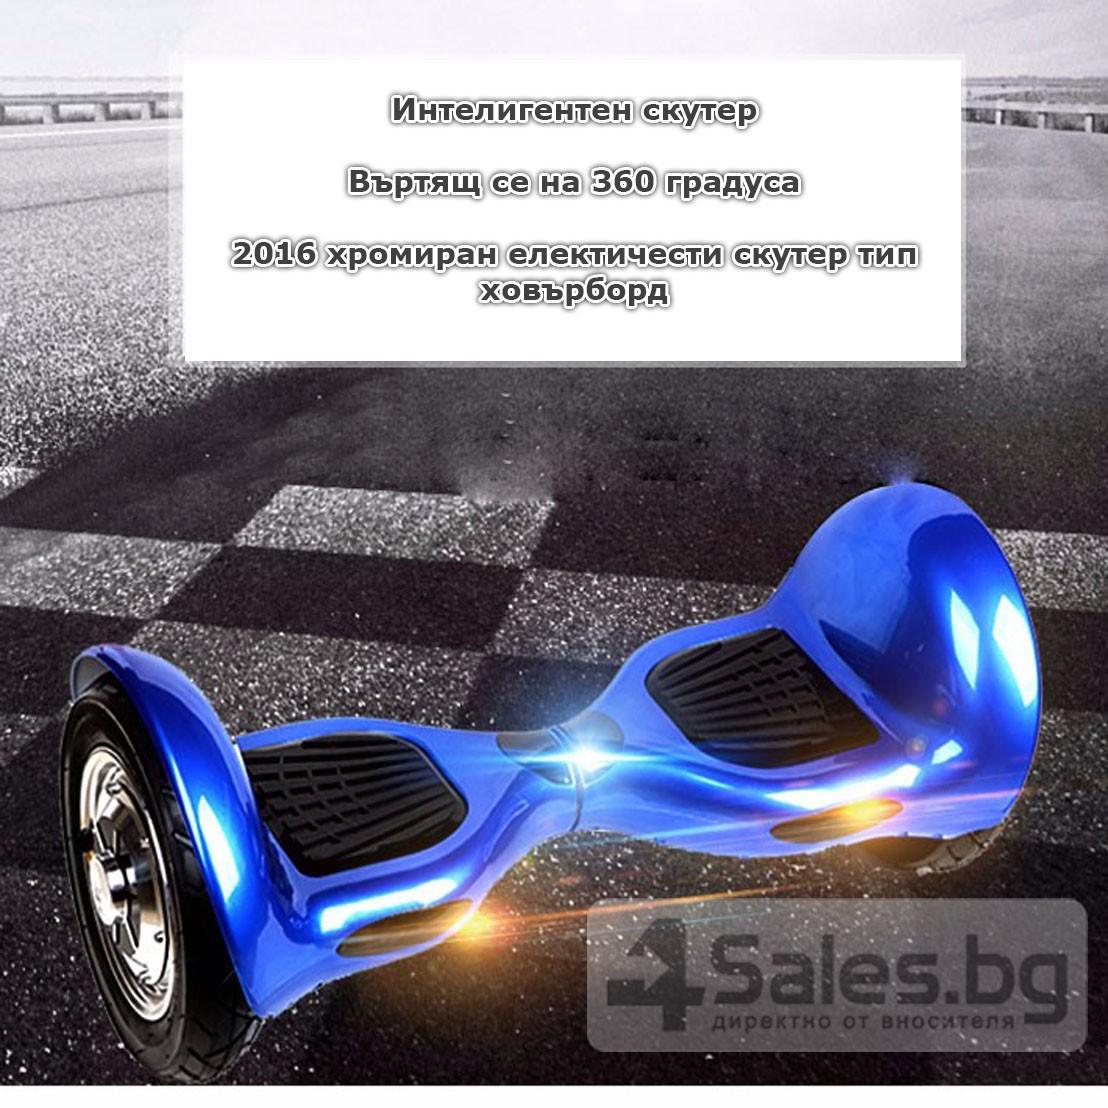 Електрически скутер с LED светлини 6.5 инча гуми 250 W 22